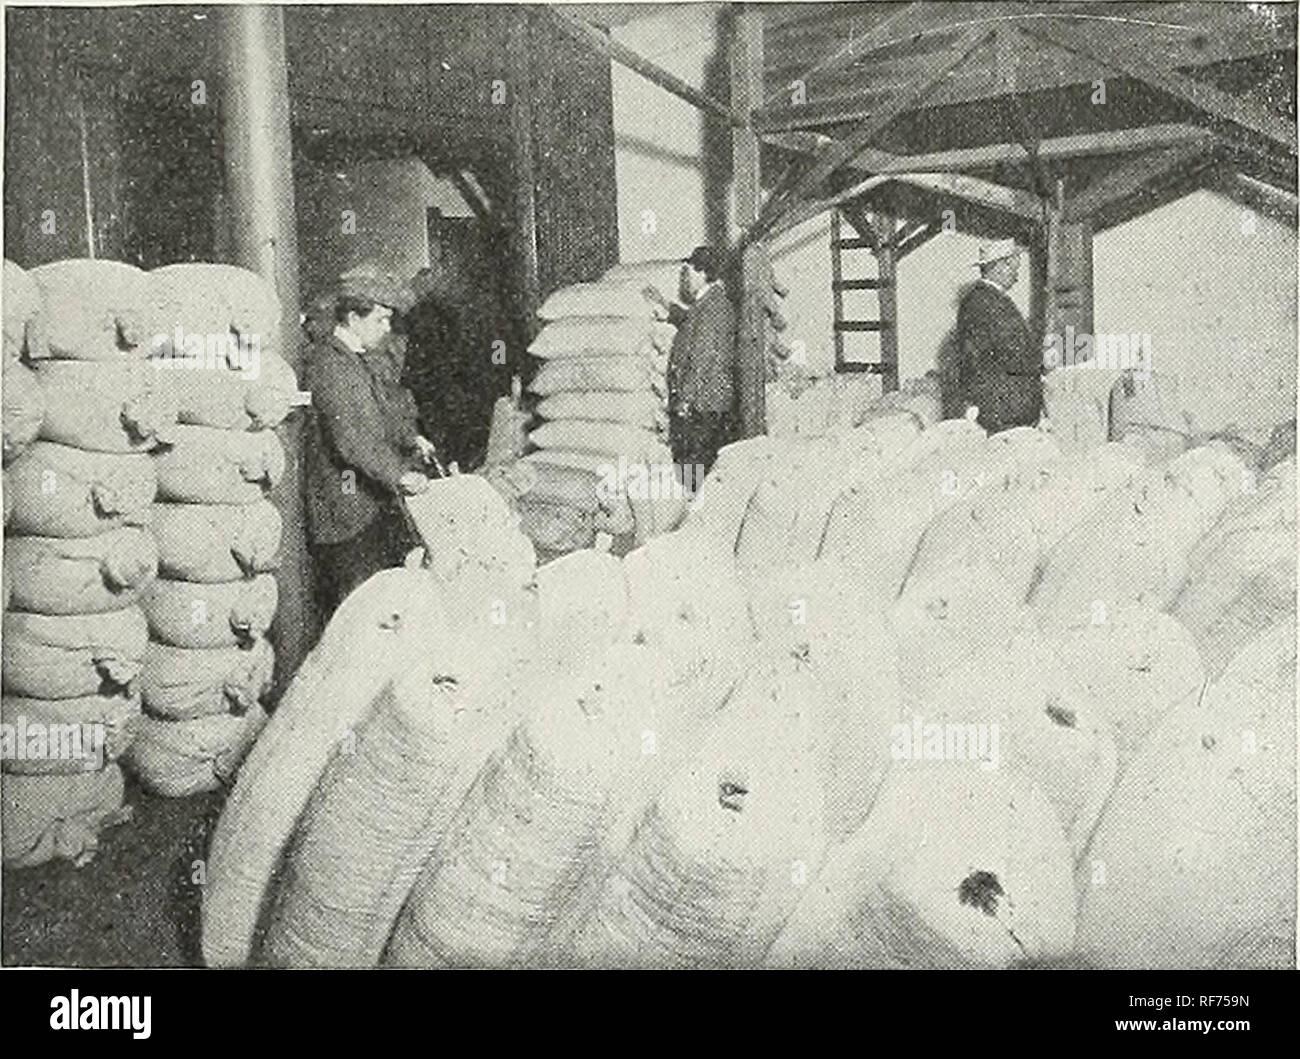 """. Alfred J. Brown Seed Co.: producteurs, négociants et importateurs. Grand Rapids Michigan pépinière; catalogues de semences de légumes, graines de fleurs Catalogues Catalogues. Prix LA VÉRITÉ SUR LES GRAINES.. Il y a par- pad un peu de gens dans le commerce des semences qui continuent de ternir les semenciers qui s'efforcent de faire une entreprise légitime. Le plus souvent, vous trouverez de telles personnes sont comme """"bon marché"""" que les graines qu'ils vendent. L'homme sage qui a la récolte en vue sait très bien ce que c'est de planter des graines de caractère douteux. Plusieurs fois, un ensemble de la saison est perdue, l'argent et de temps perdu, par la plantation de s Photo Stock"""